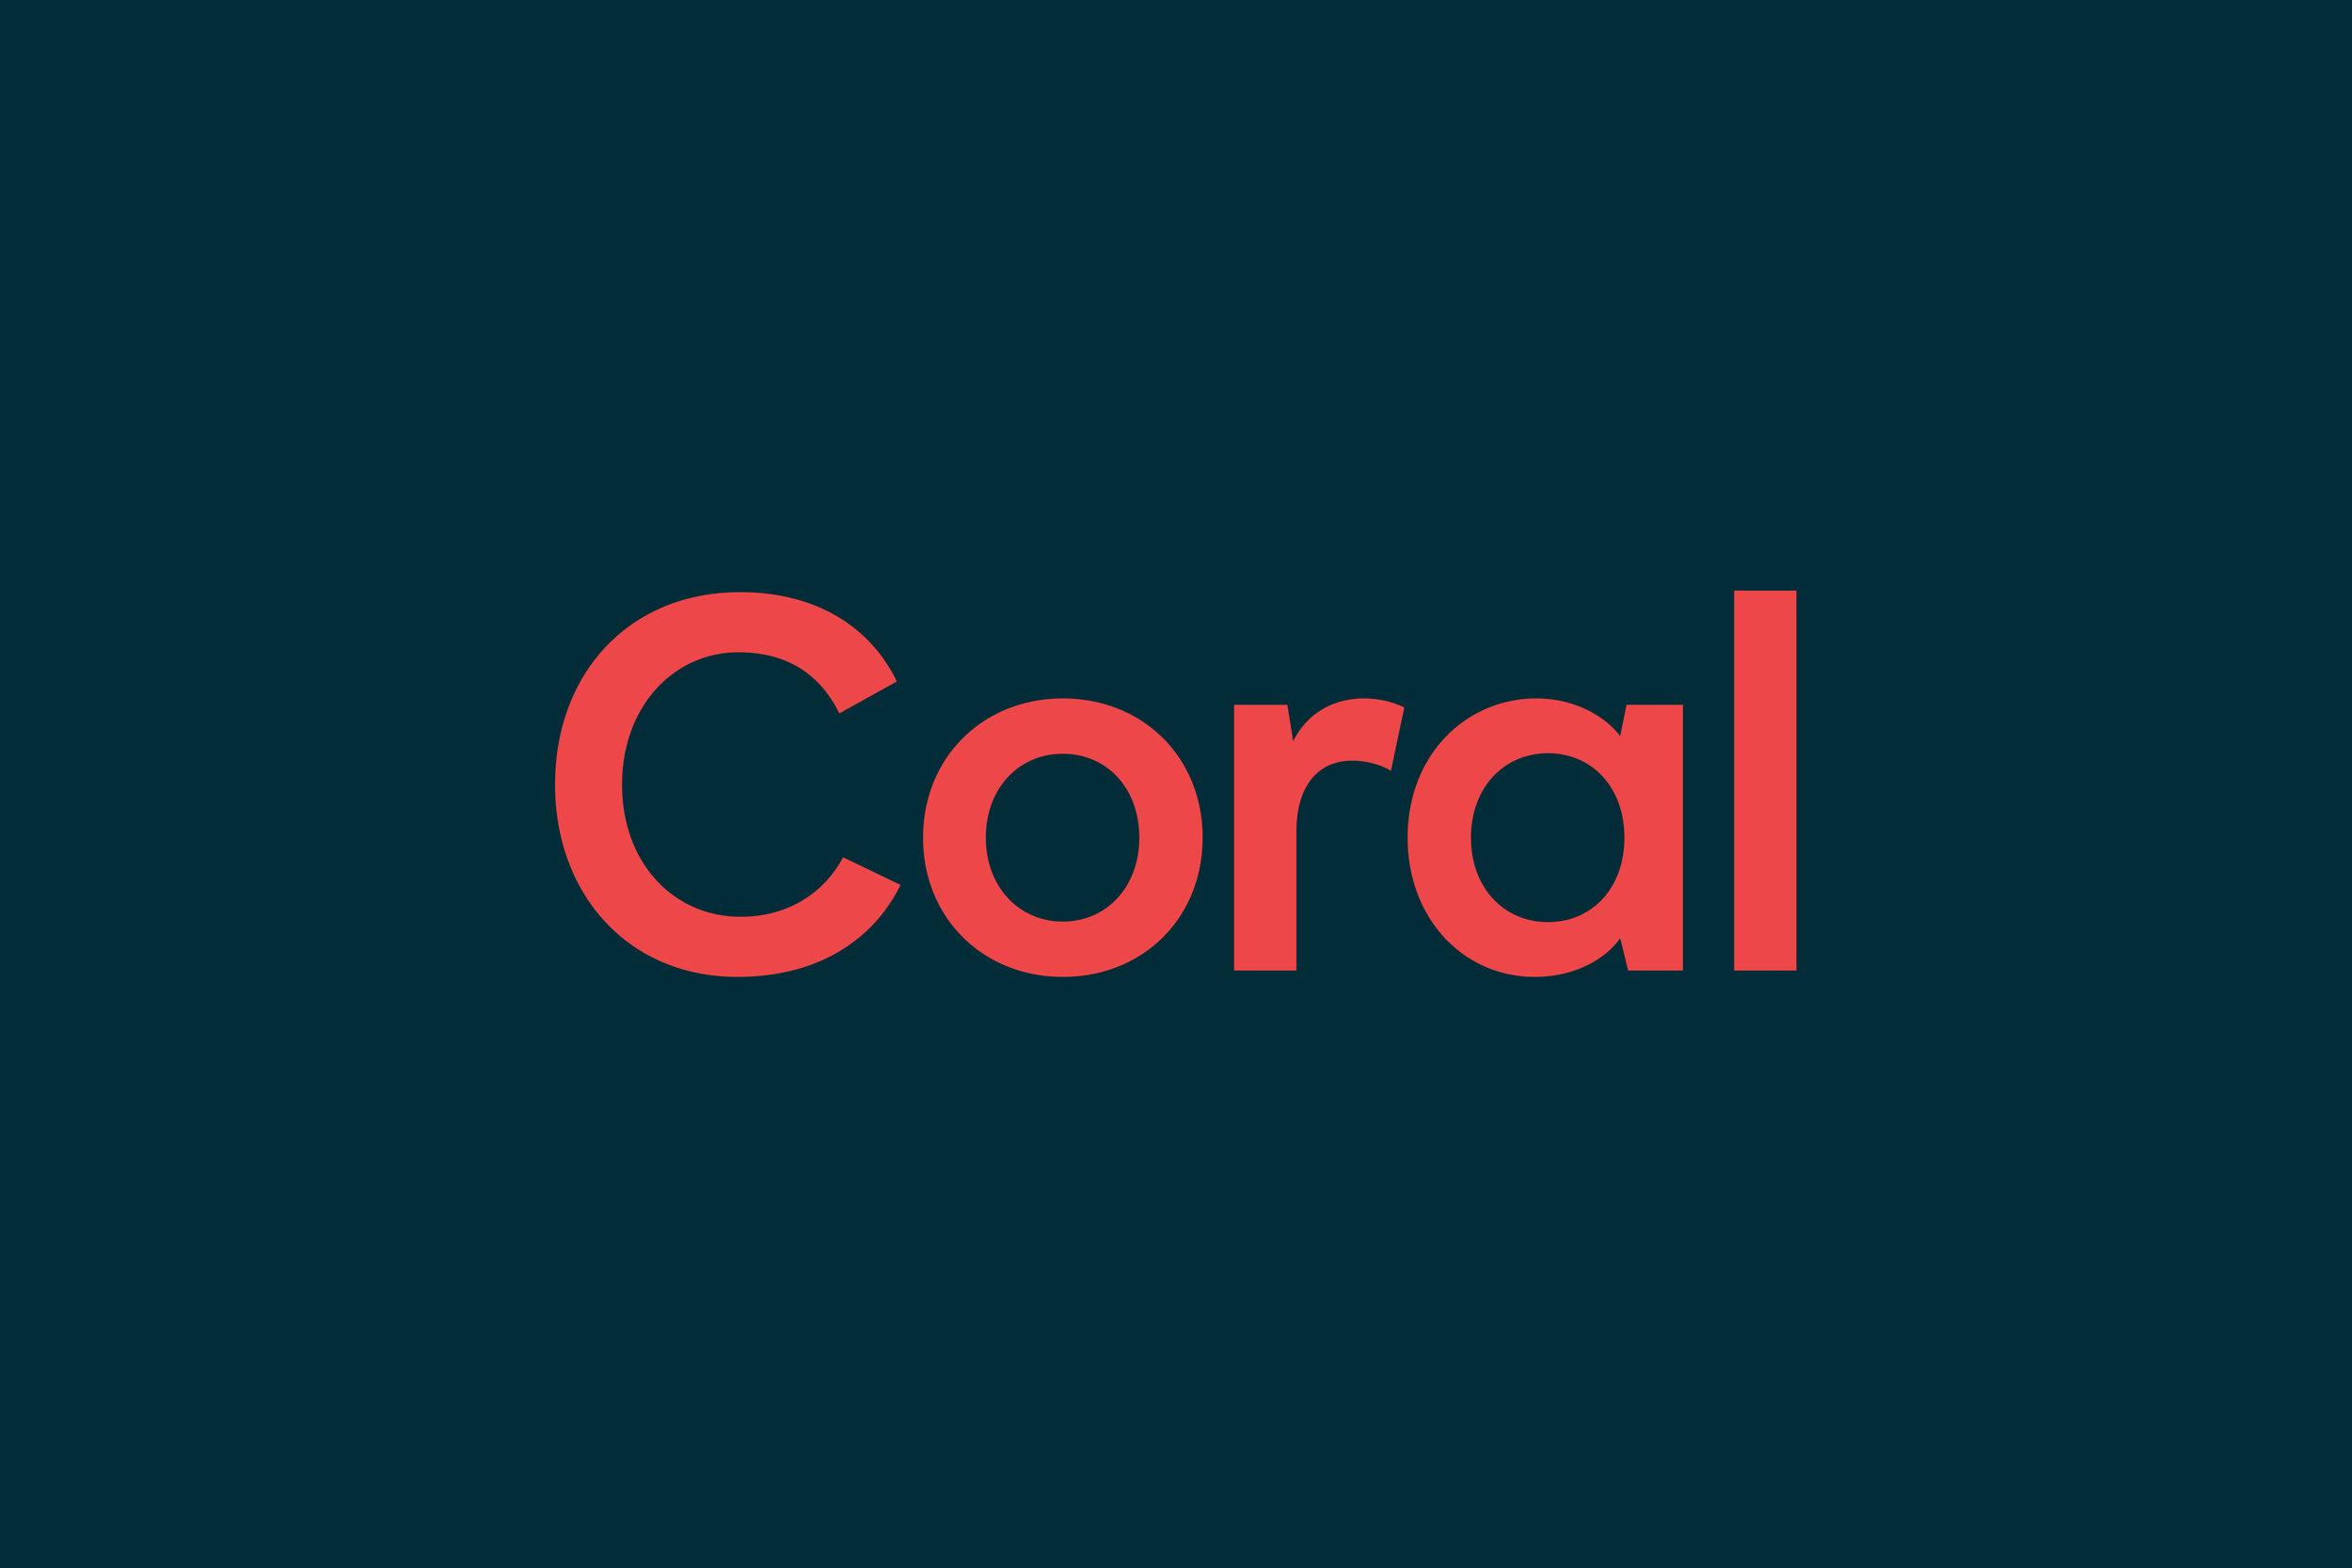 Coral-BrandLogo.jpg